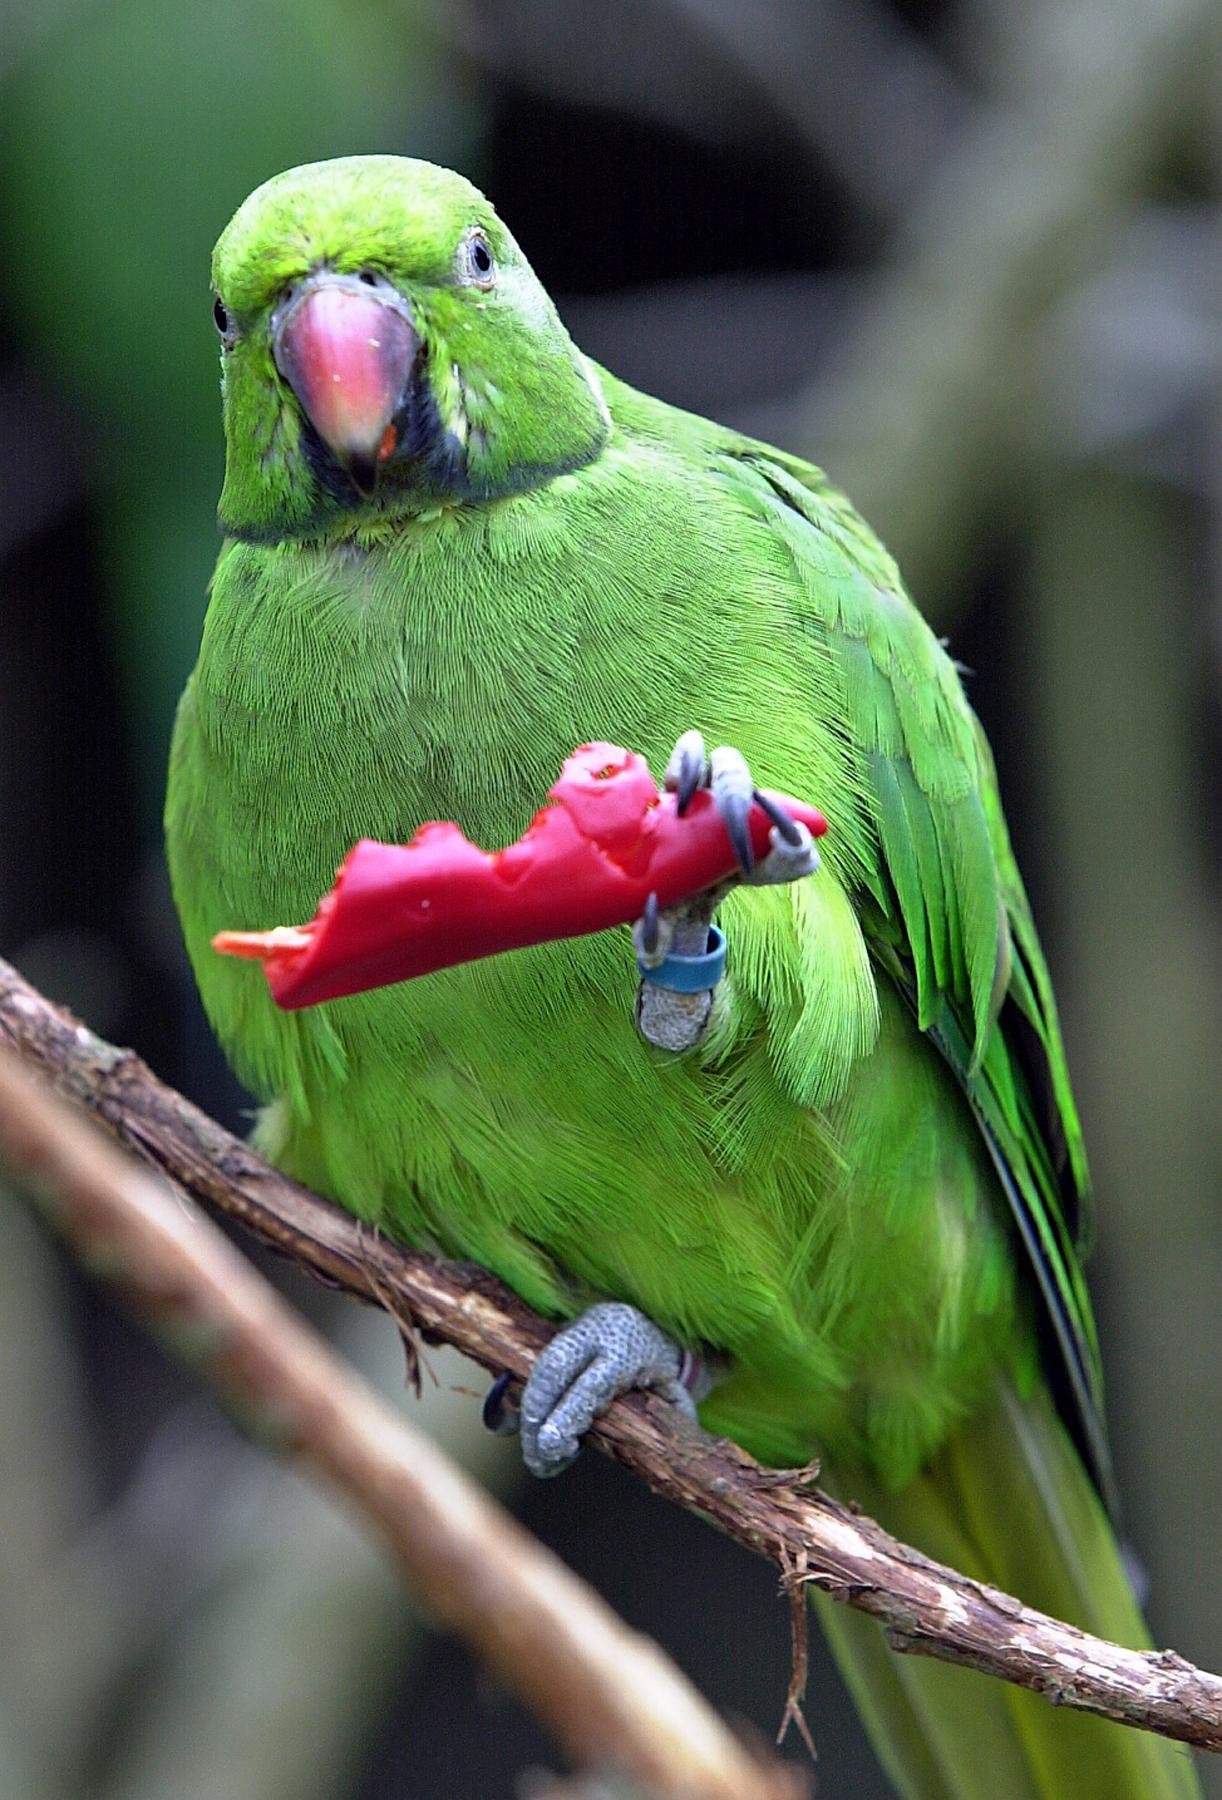 Jersey Zoo or Field Pr echo parakeet & chilli pepper 7 JM.jpg